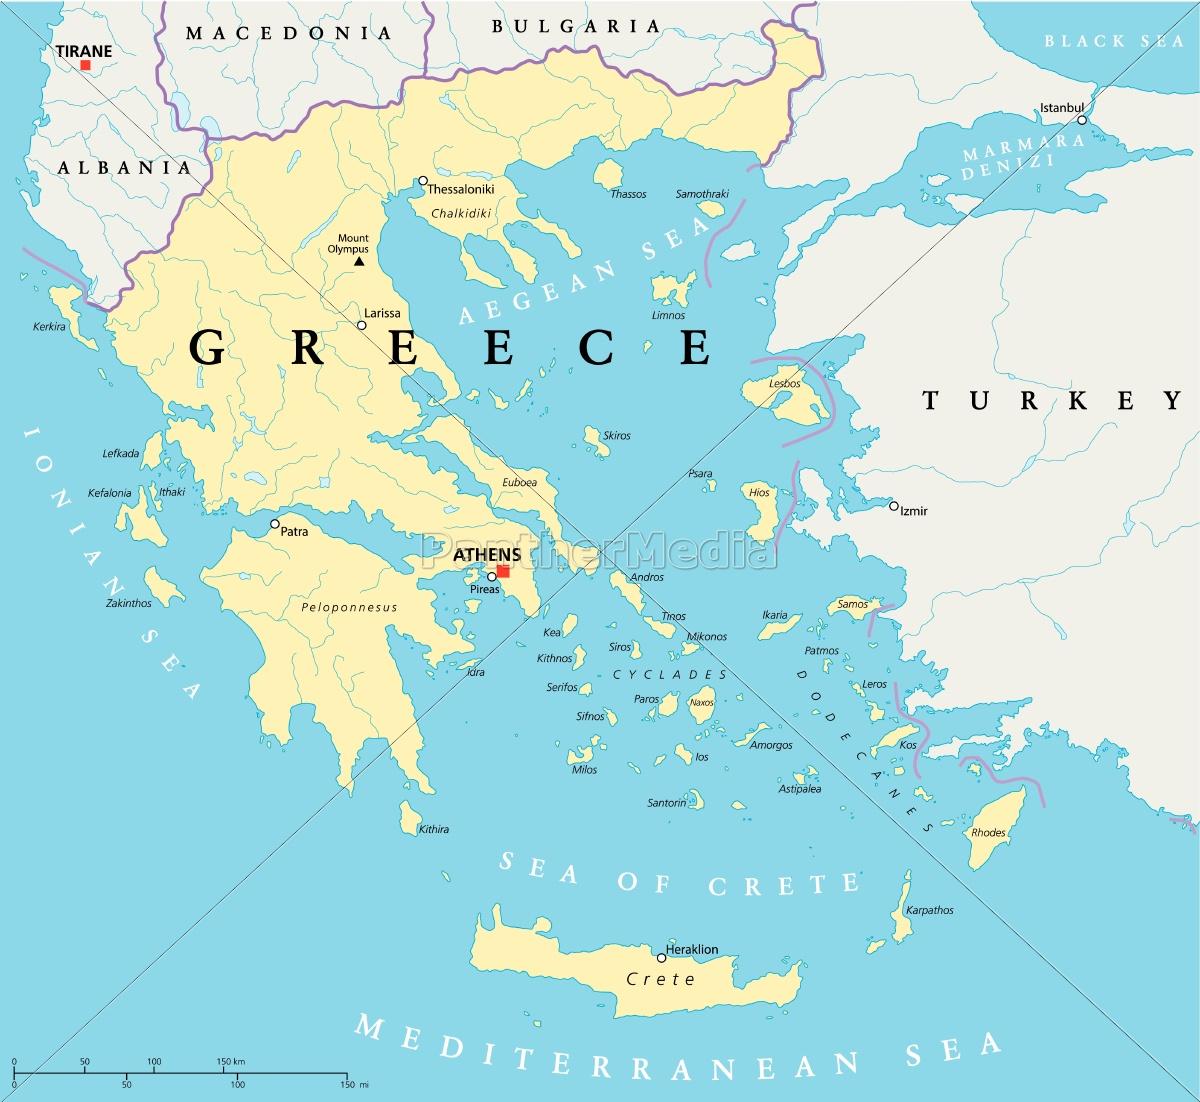 Karte Griechenland.Lizenzfreie Vektorgrafik 9564644 Griechenland Politische Karte